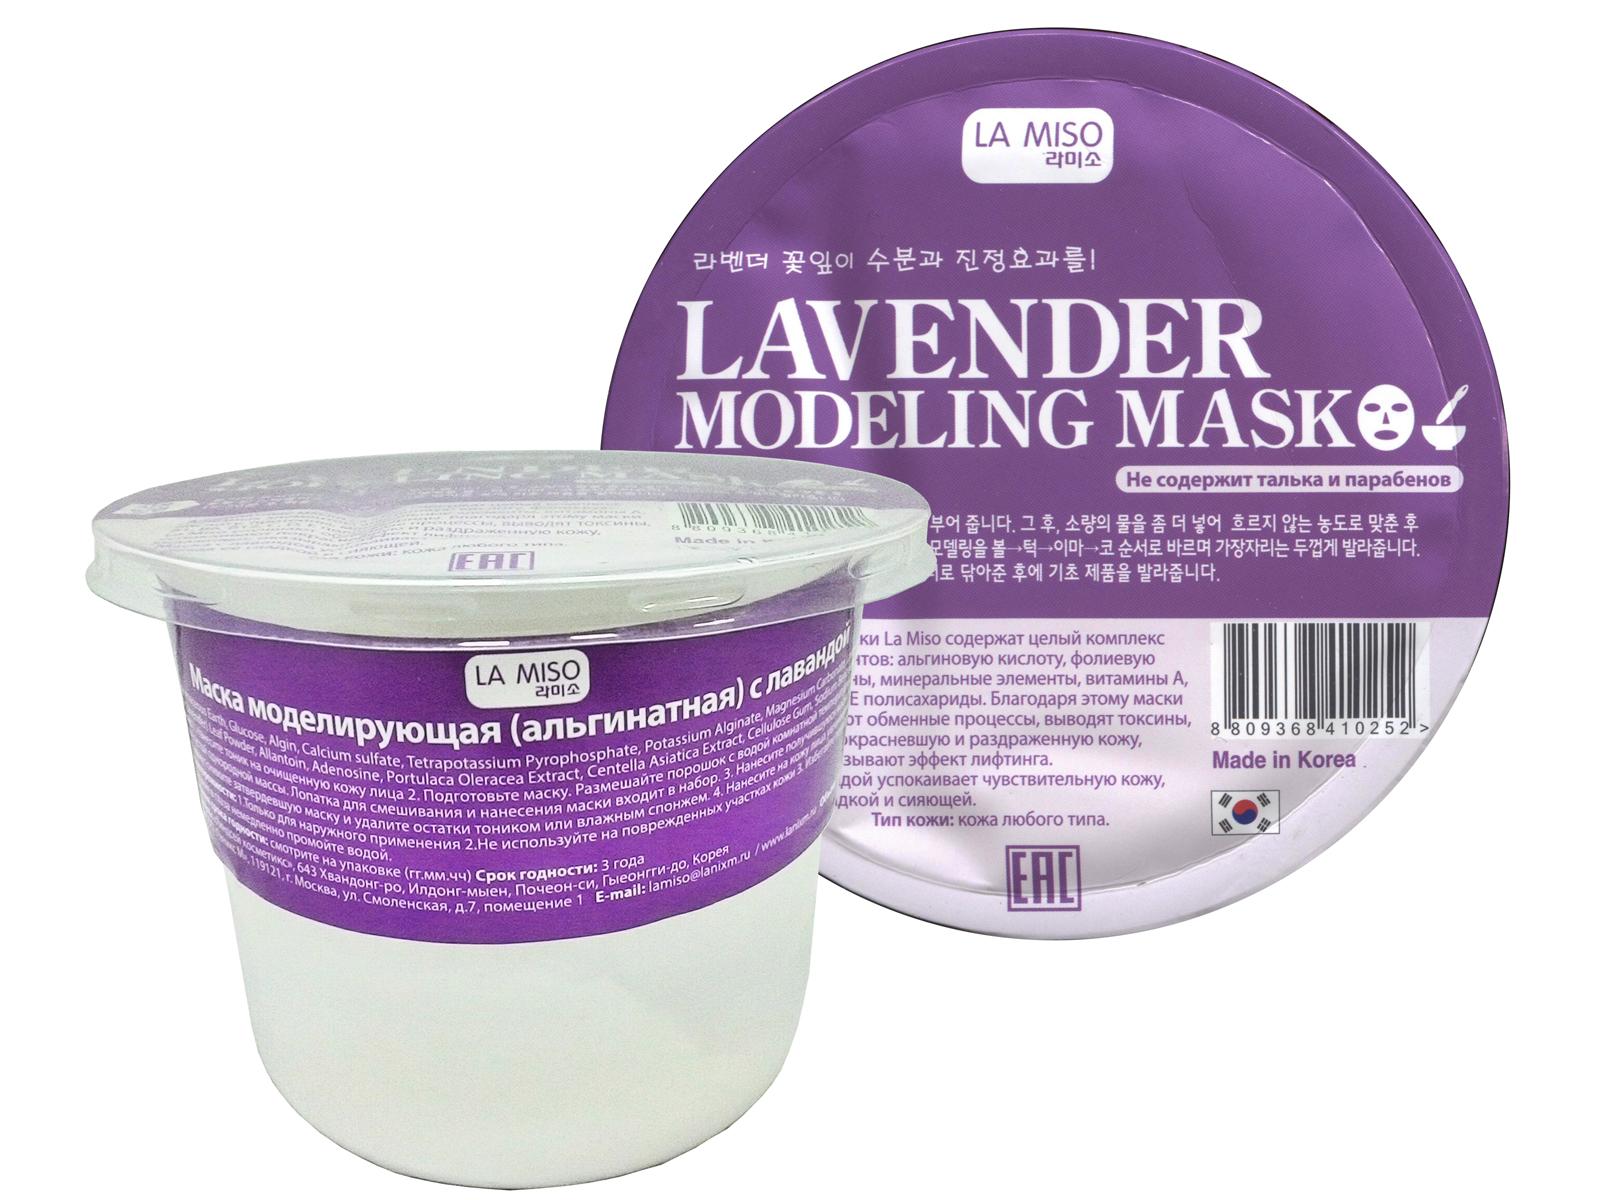 La Miso Маска моделирующая, альгинатная с лавандой, 28 гN.S-3.2Альгинатные маски La Miso содержат целый комплекс полезных элементов: альгиновую кислоту, фолиевую кислоту, протеины, минеральные элементы, витамины A, B1, B6, B12, C, D, E полисахариды. Благодаря этому маски La Miso улучшают обменные процессы, выводят токсины, успокаивают покрасневшую и раздраженную кожу, увлажняют, оказывают эффект лифтинг